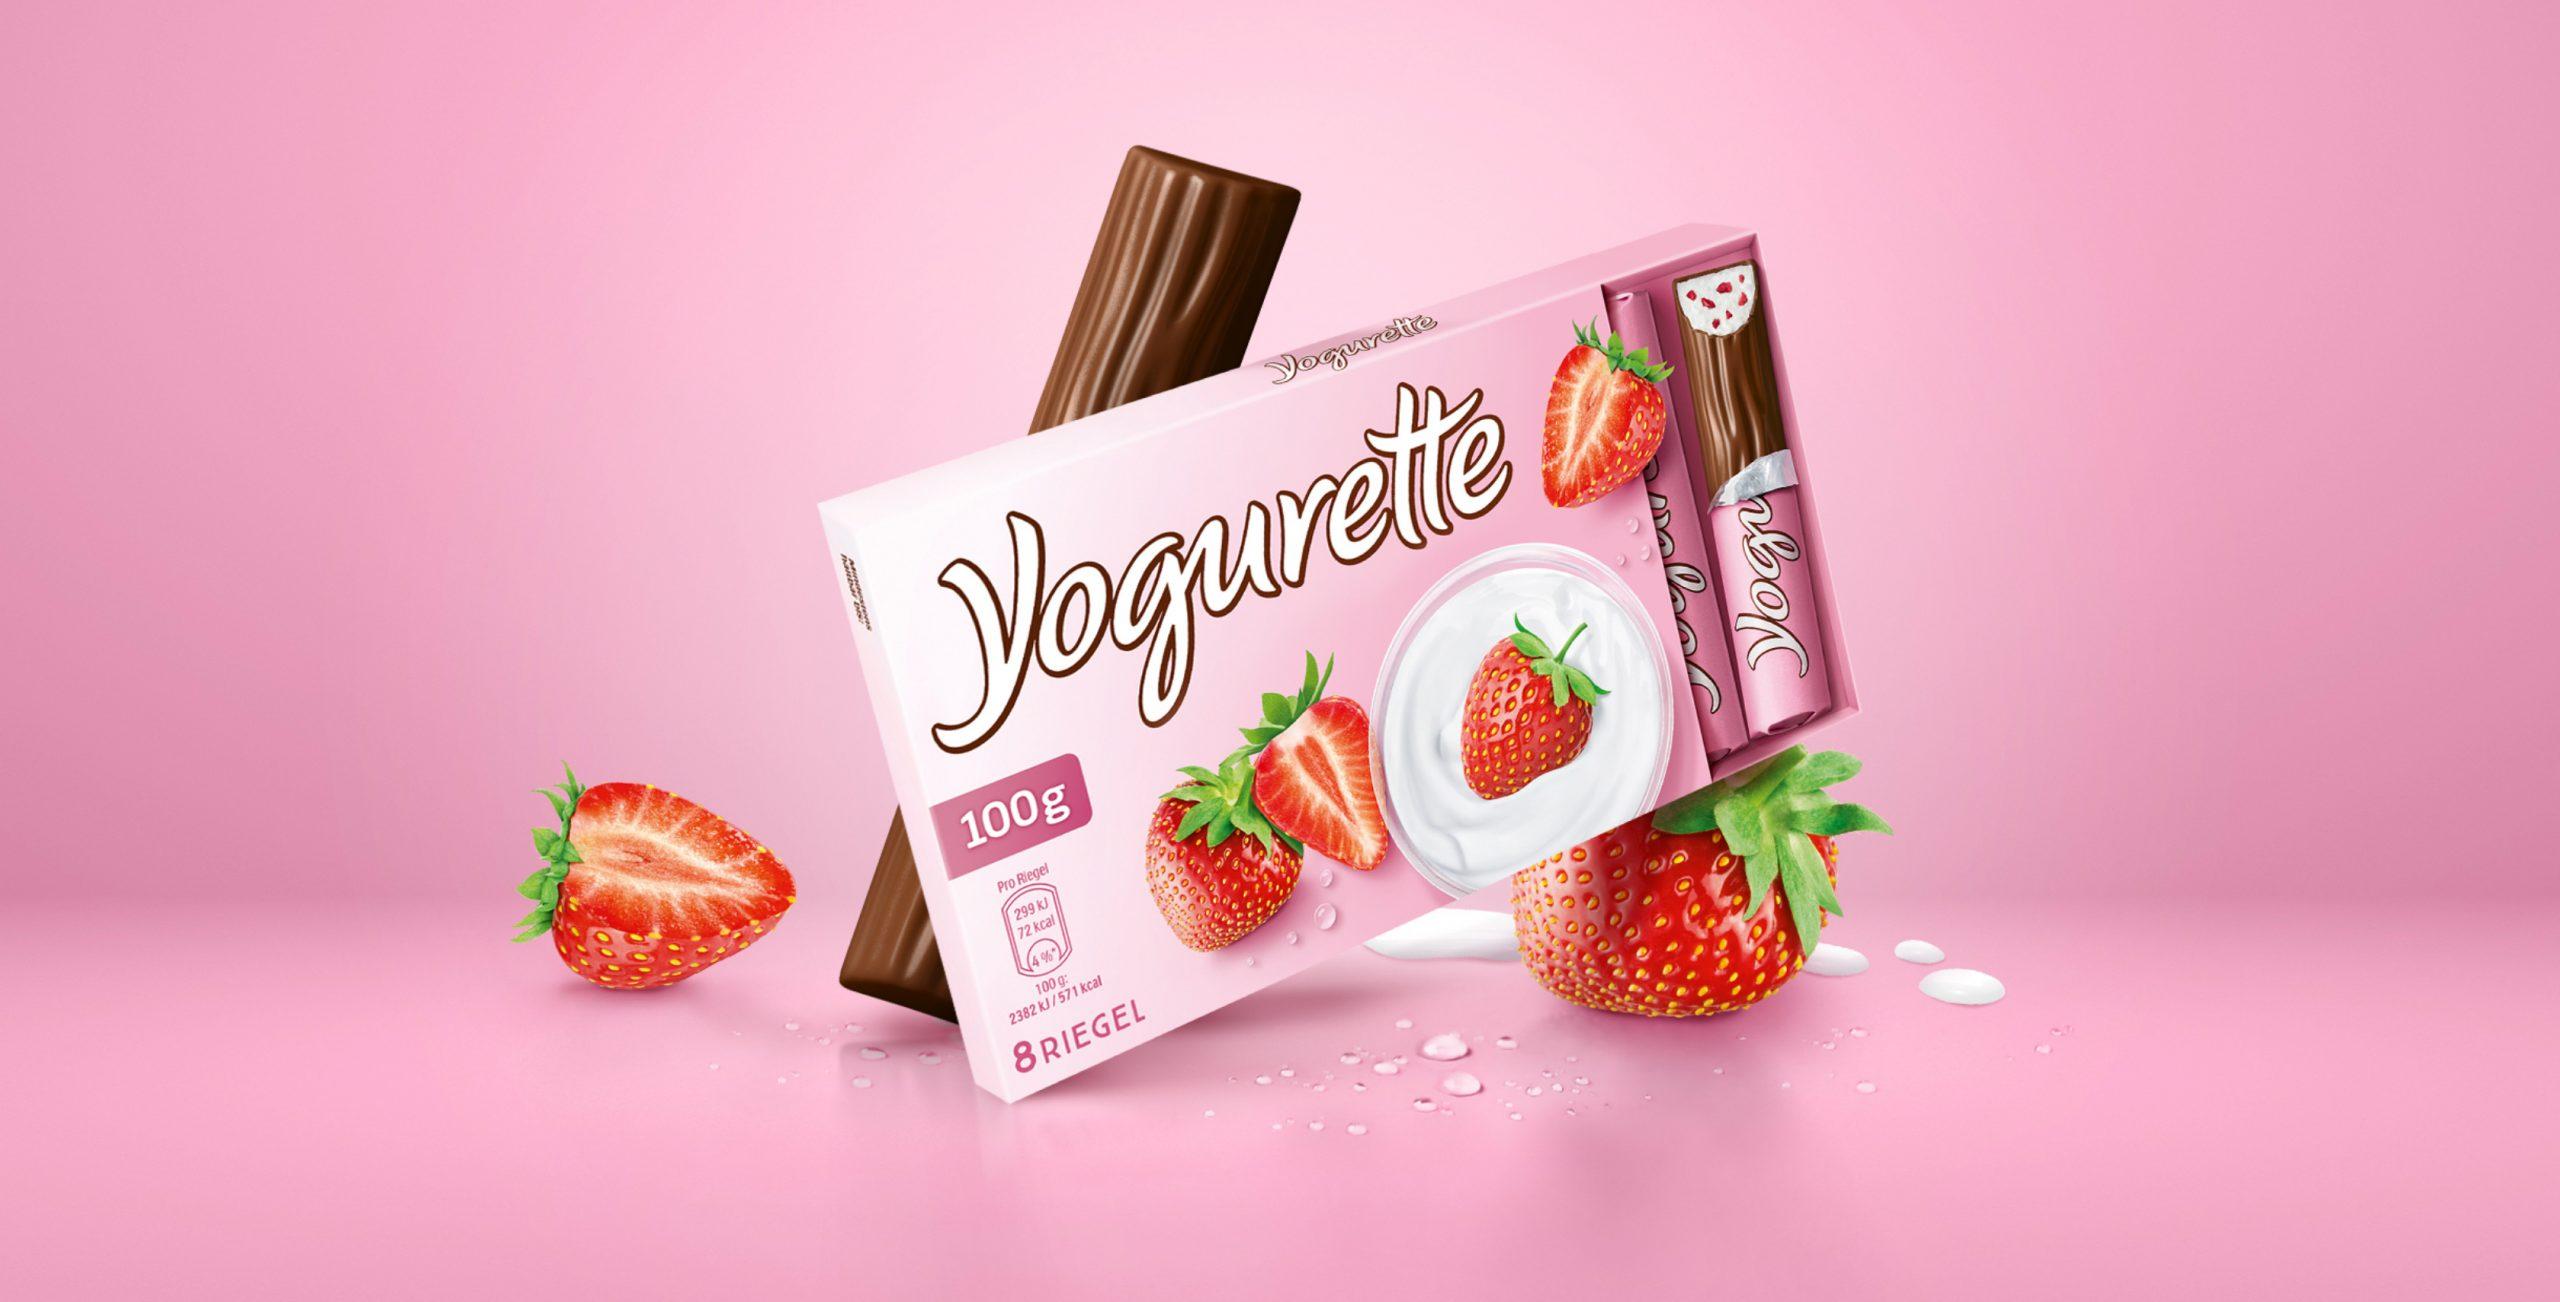 Packaging-Relaunch Yogurette, eine Packung steht in einem virtuellen, rosa Raum mit Erdbeeren, Schokoriegel und Milchtropfen